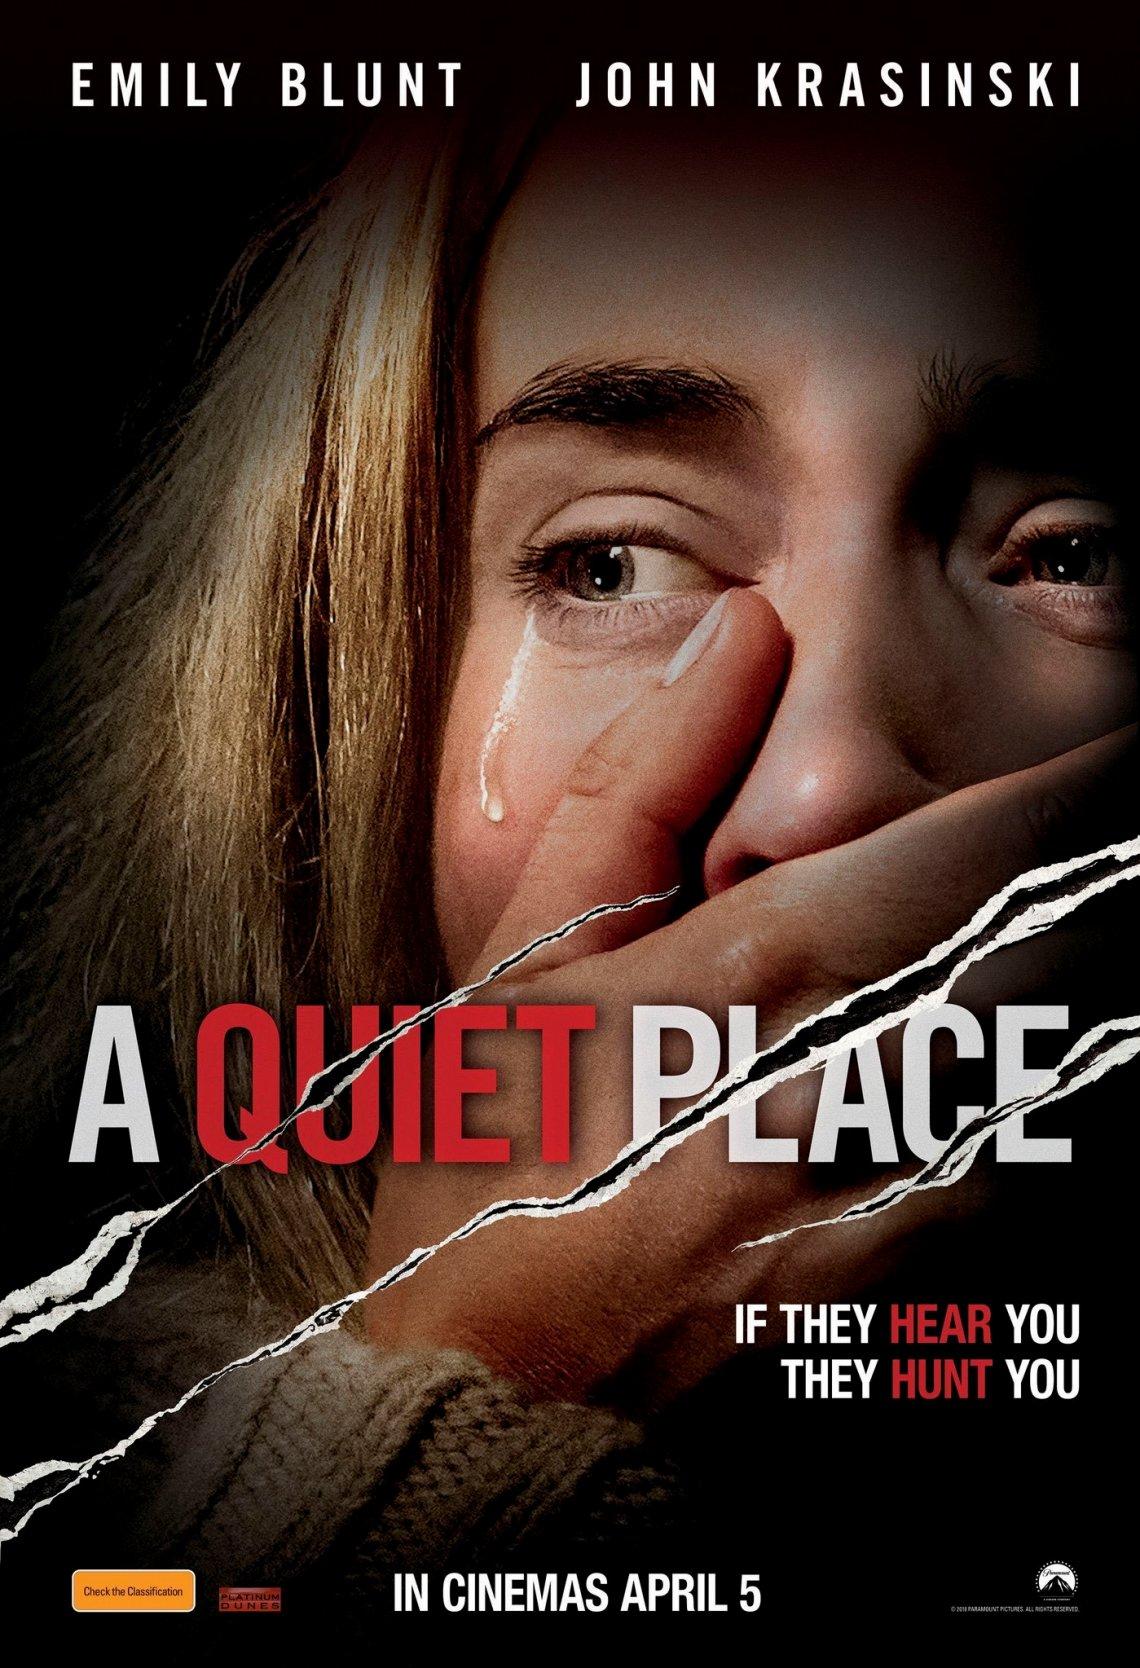 A-Quiet-Place-Australian-Poster.jpg